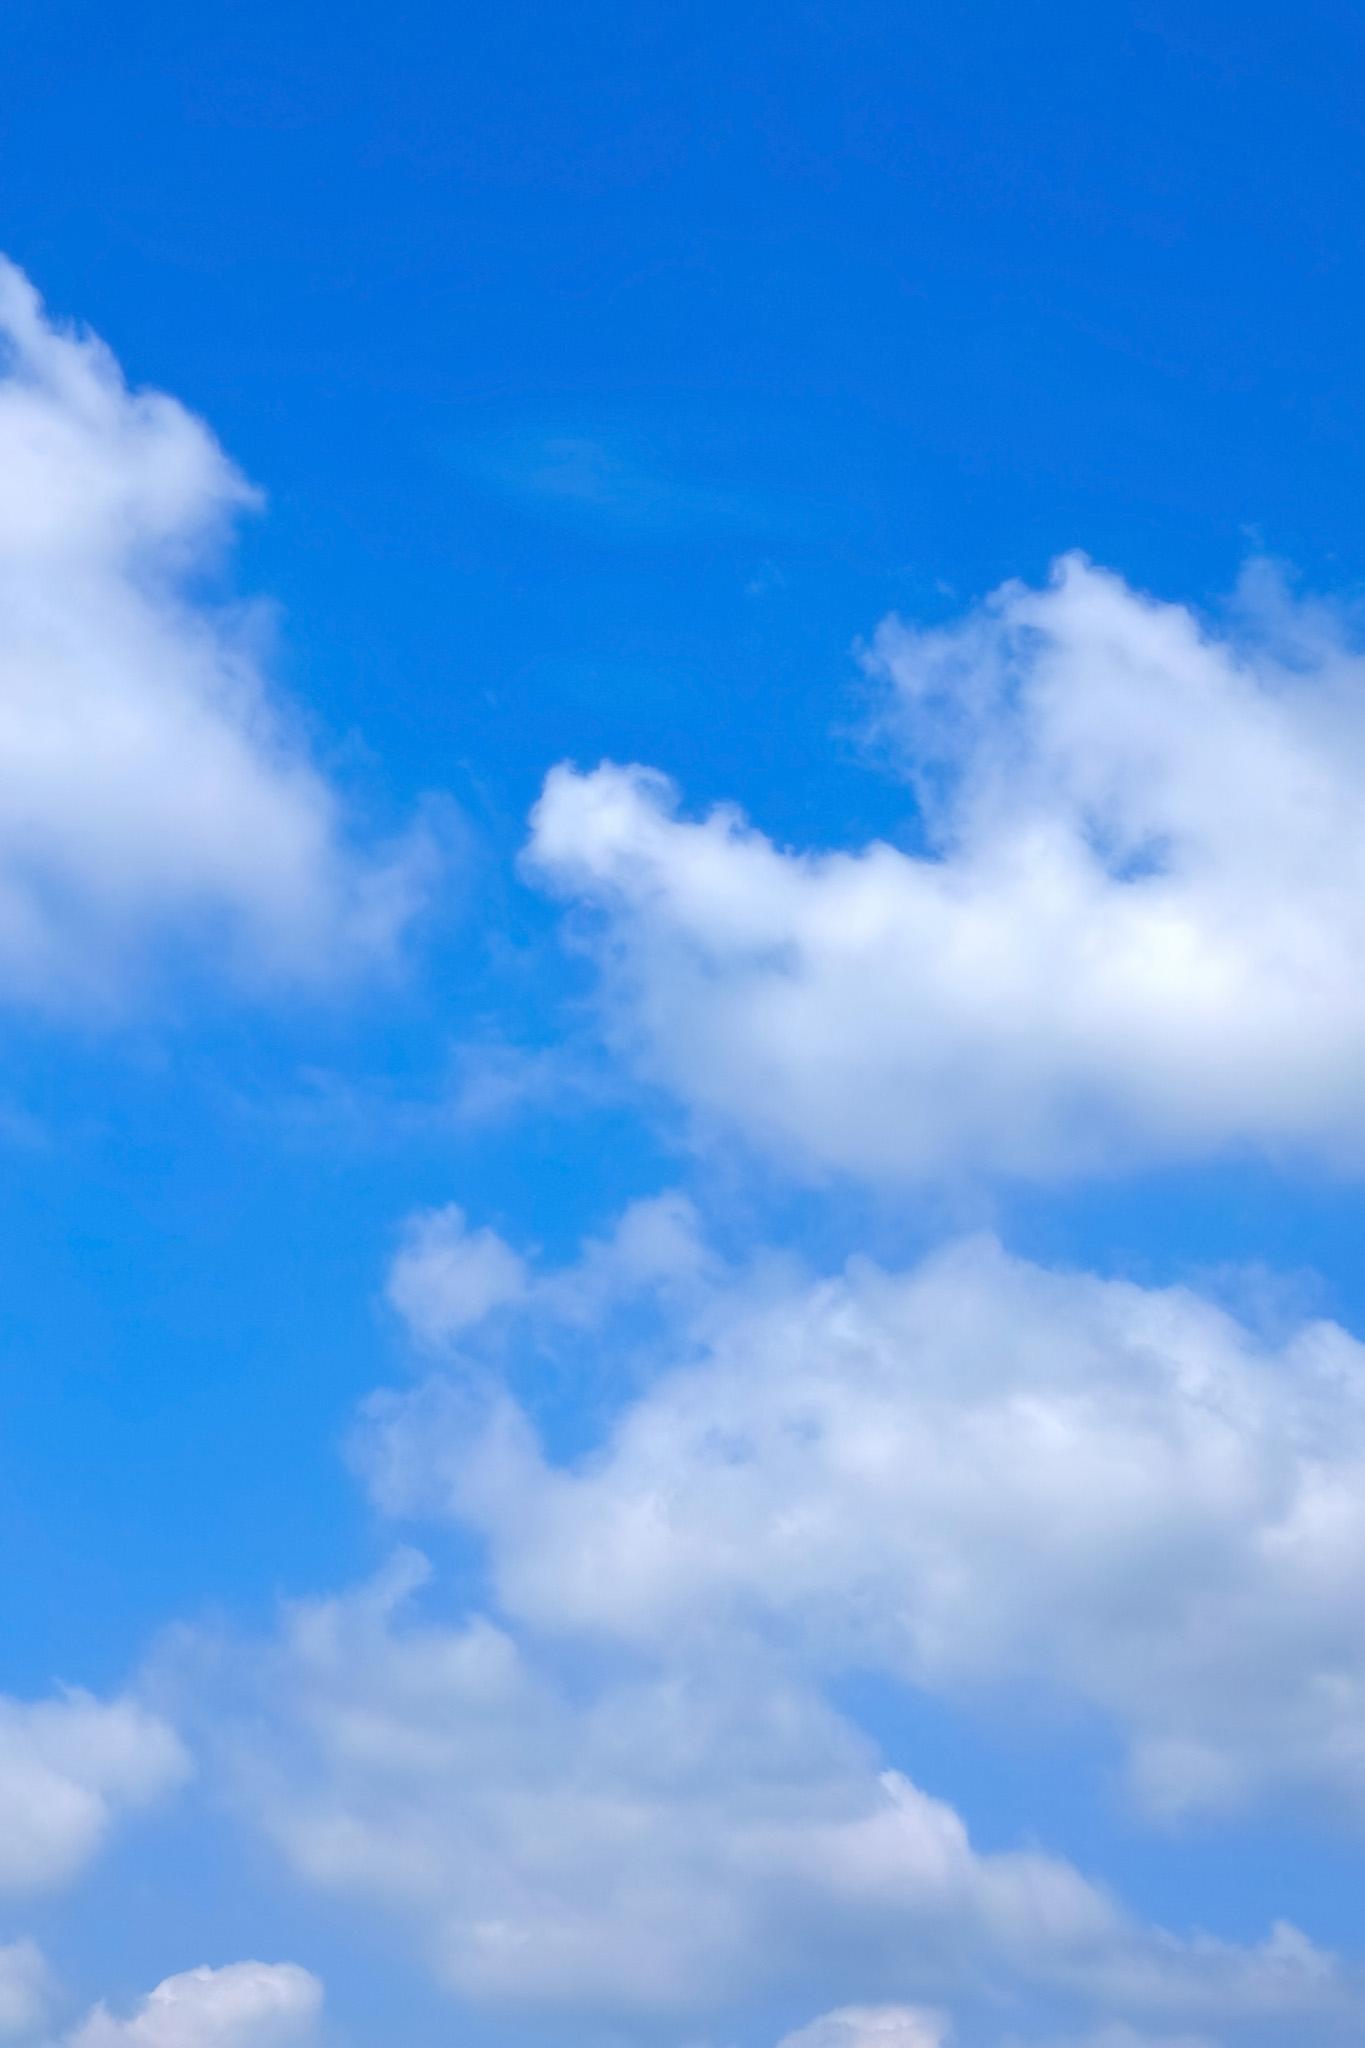 「爽やかな青空に漂う雲」の画像を無料ダウンロード